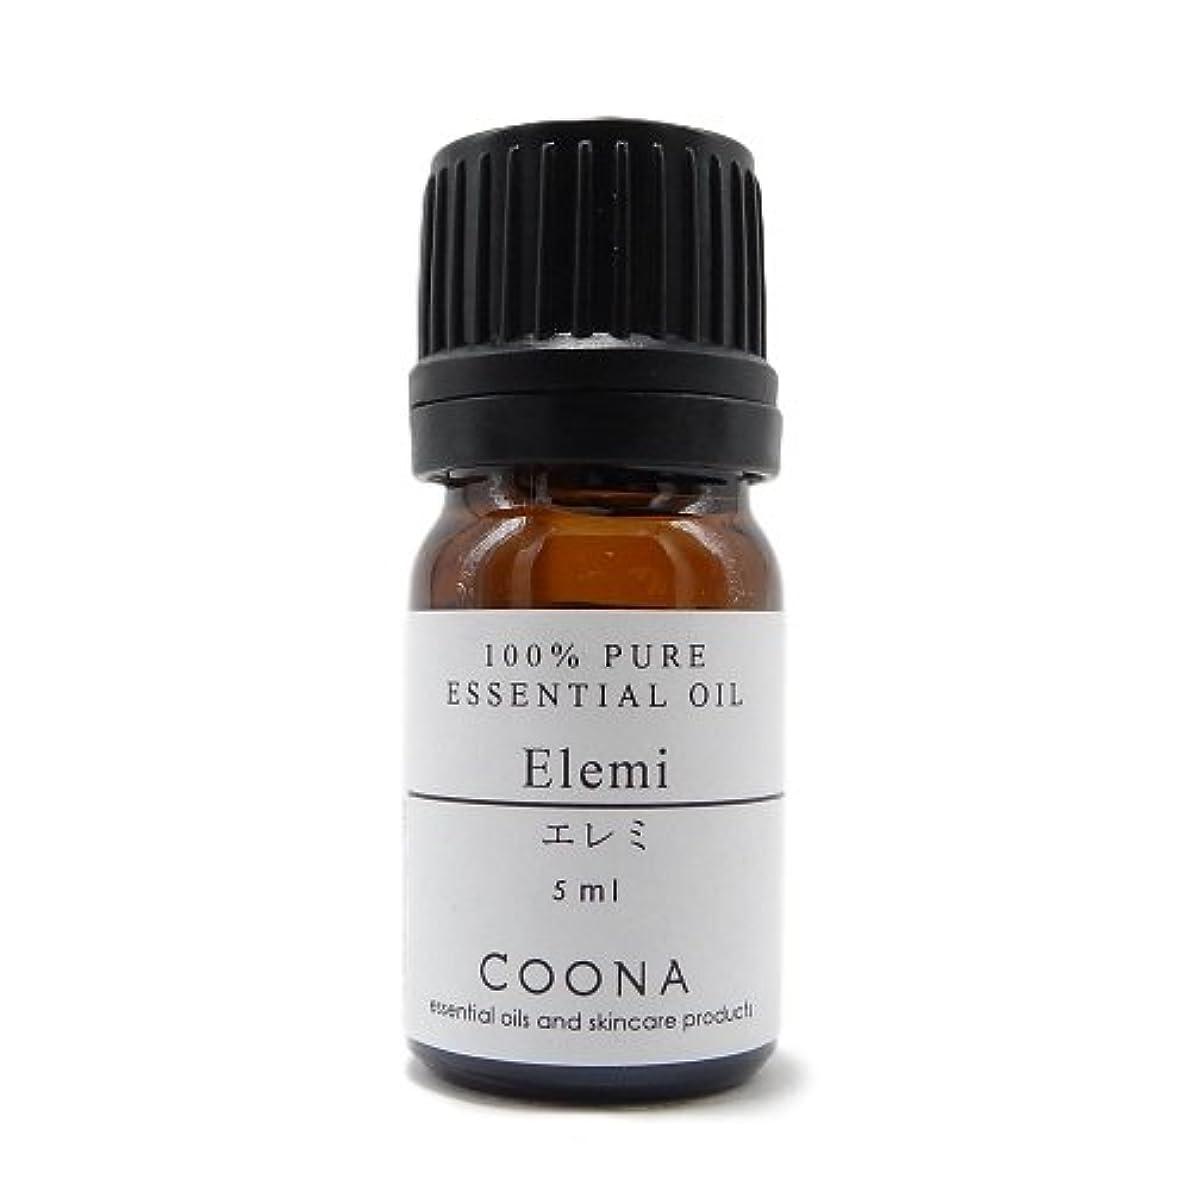 レモン機構上院議員エレミ 5 ml (COONA エッセンシャルオイル アロマオイル 100%天然植物精油)